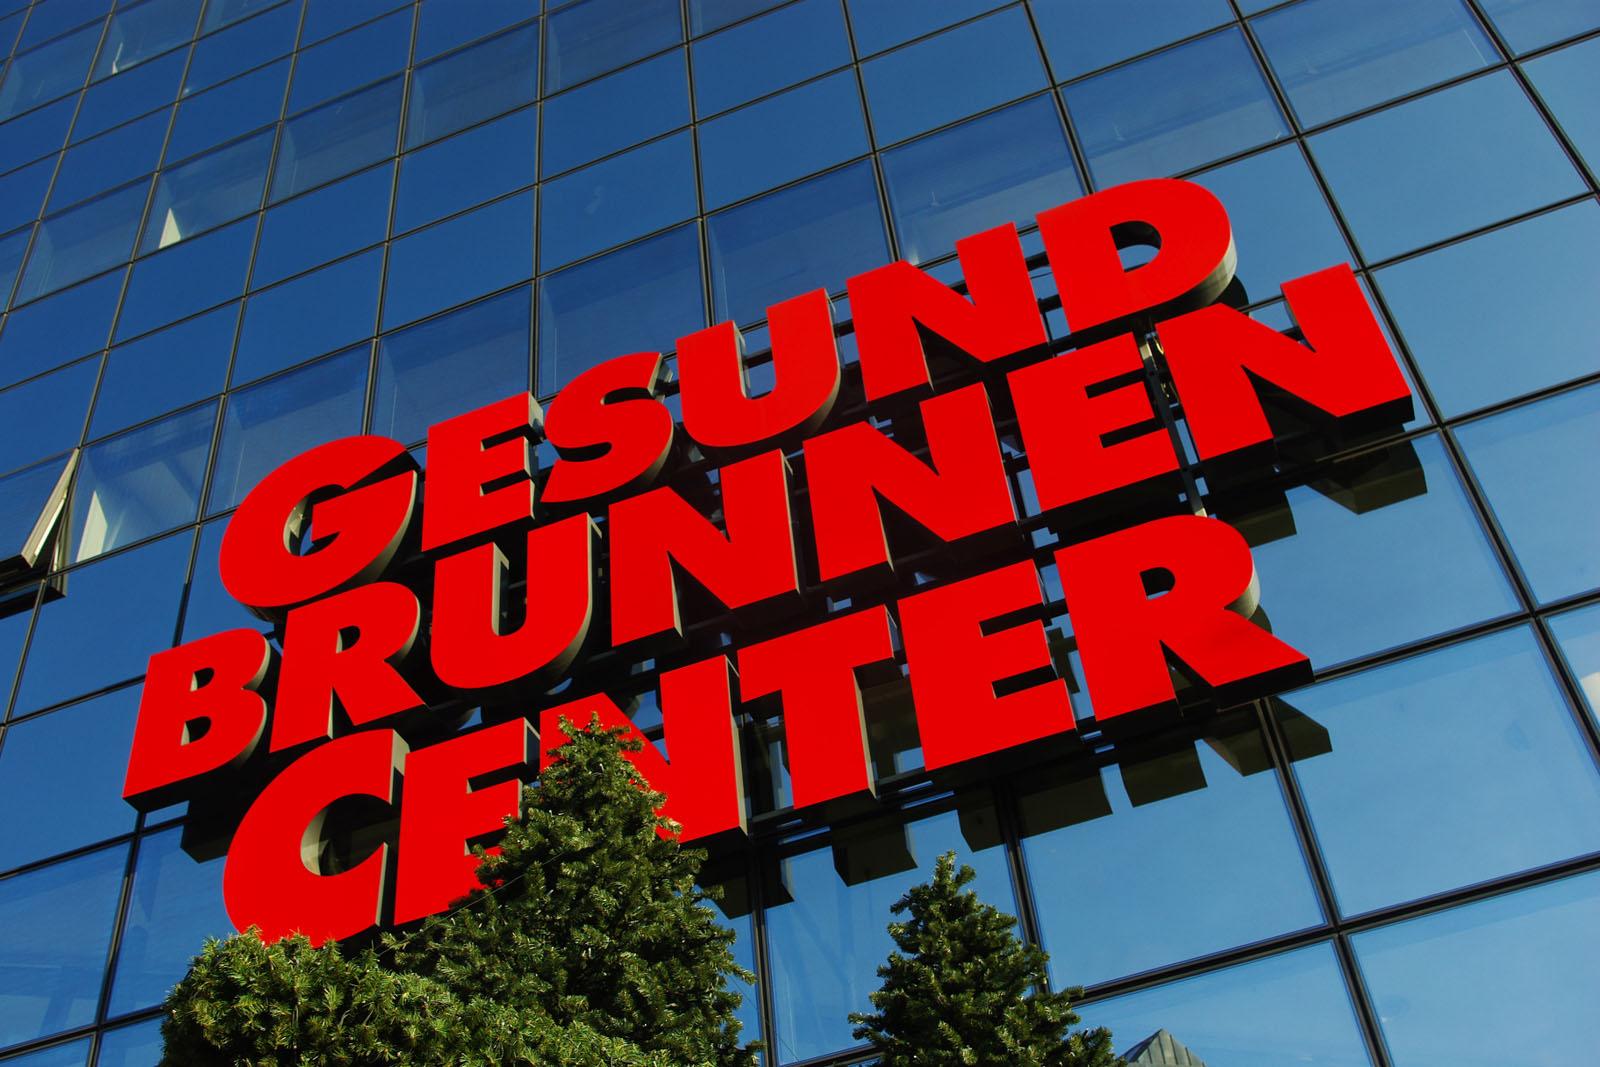 REWE_Gesundbrunnen_Center_Berlin